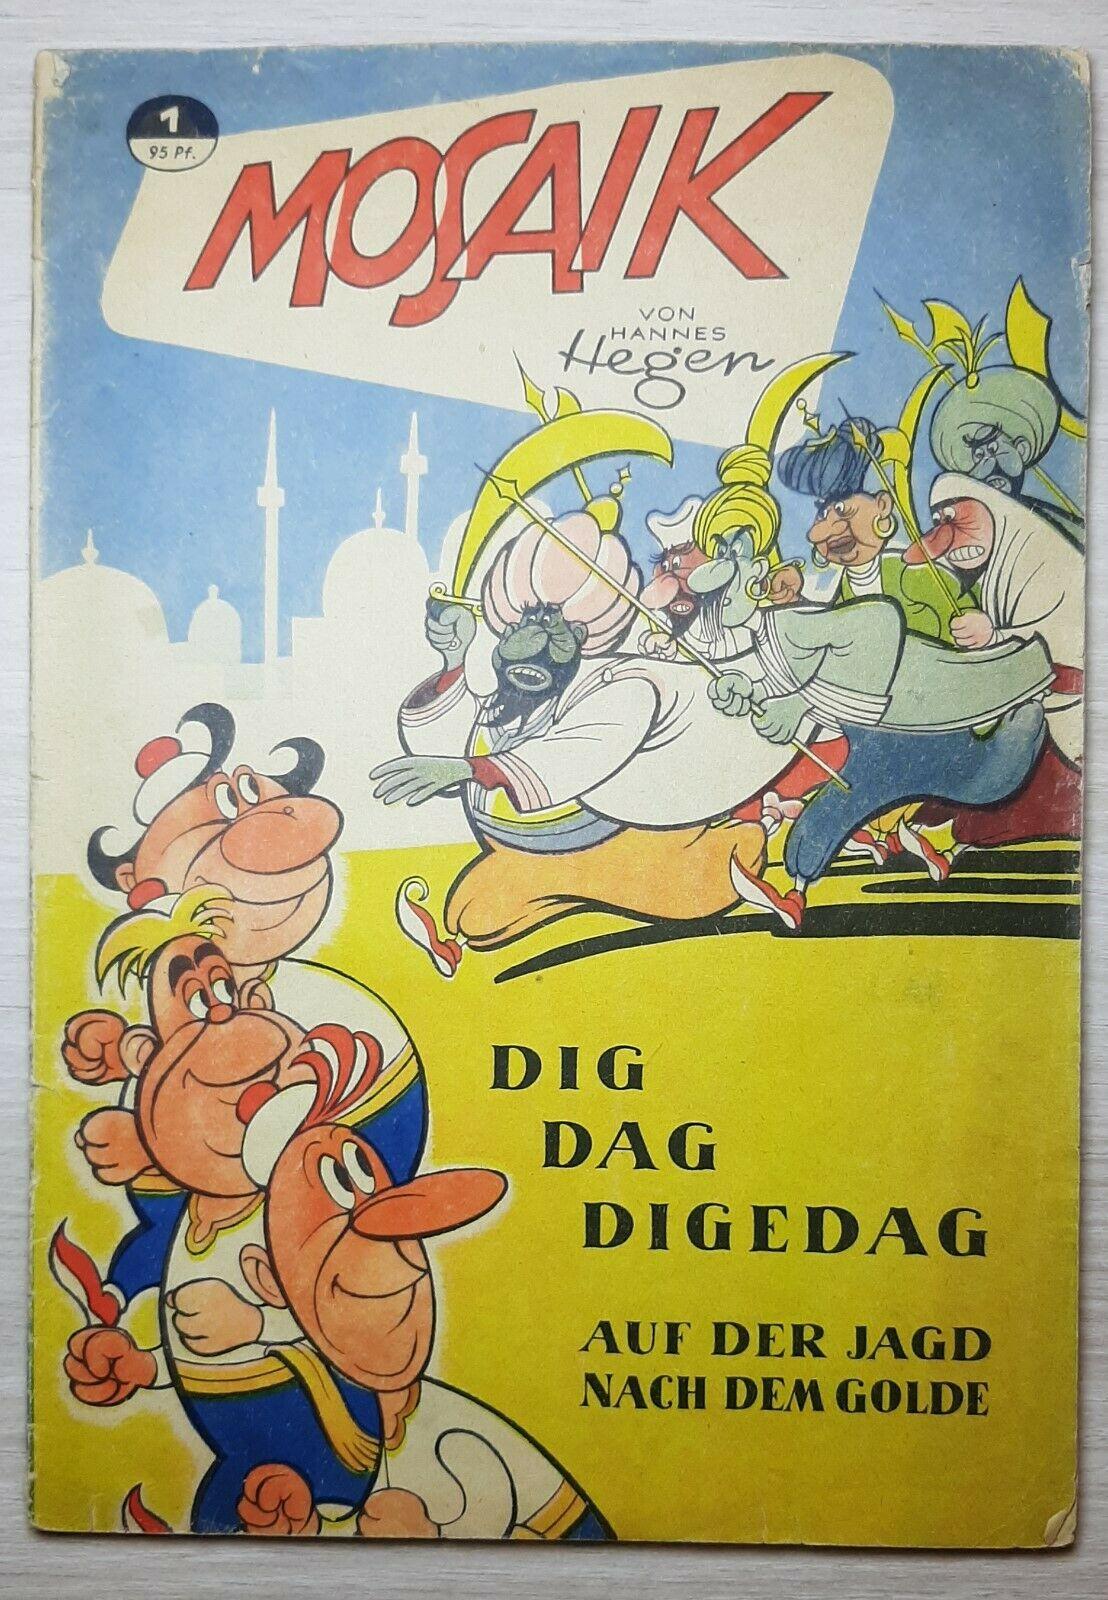 Sammlung Original Mosaik Digedags Nr. 1-35 von Hannes Hegen + 3 Beilagen